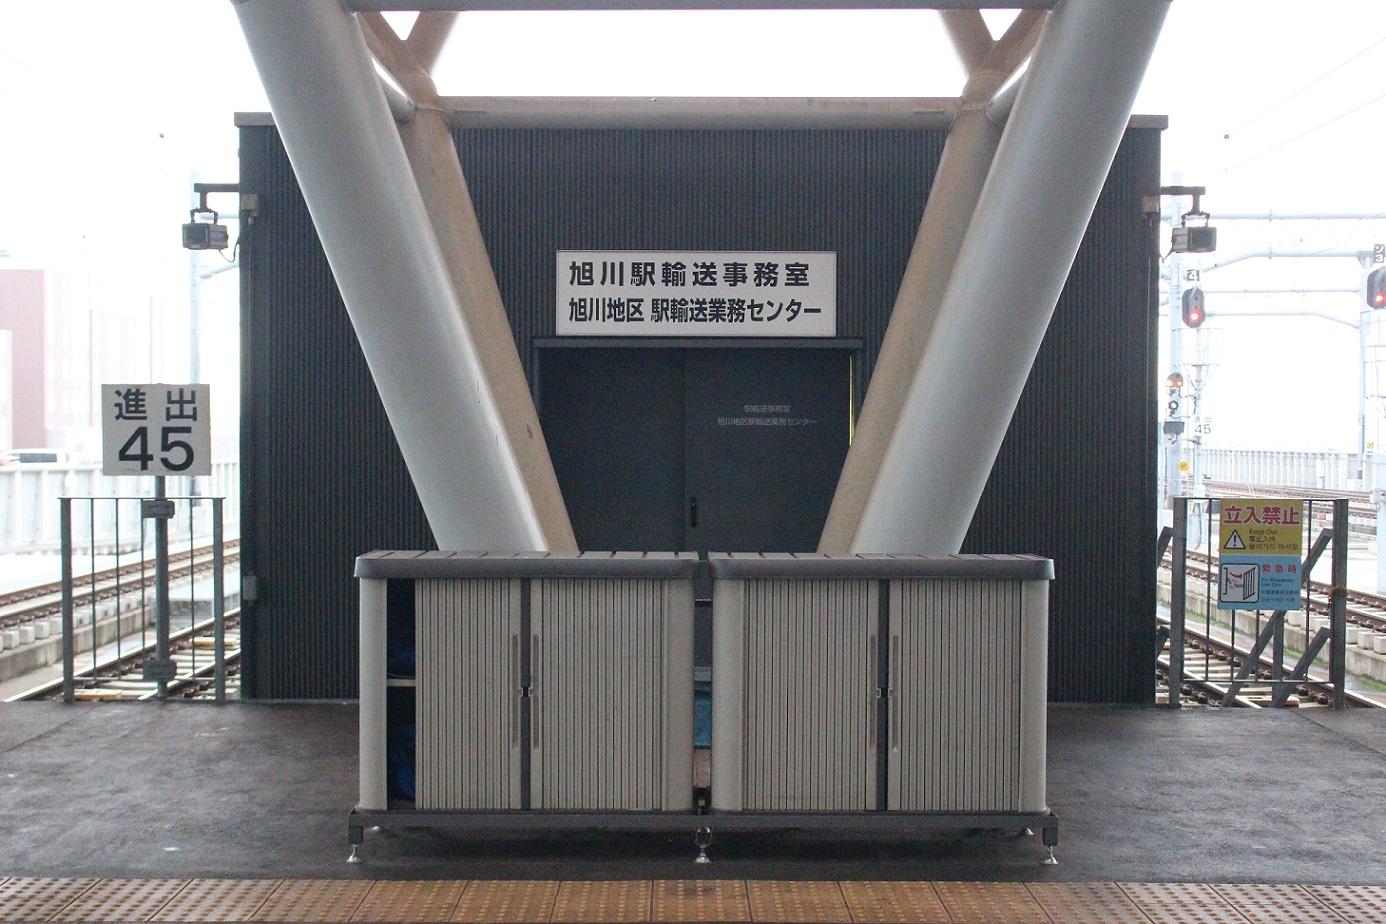 旭川地区駅輸送業務センターn01